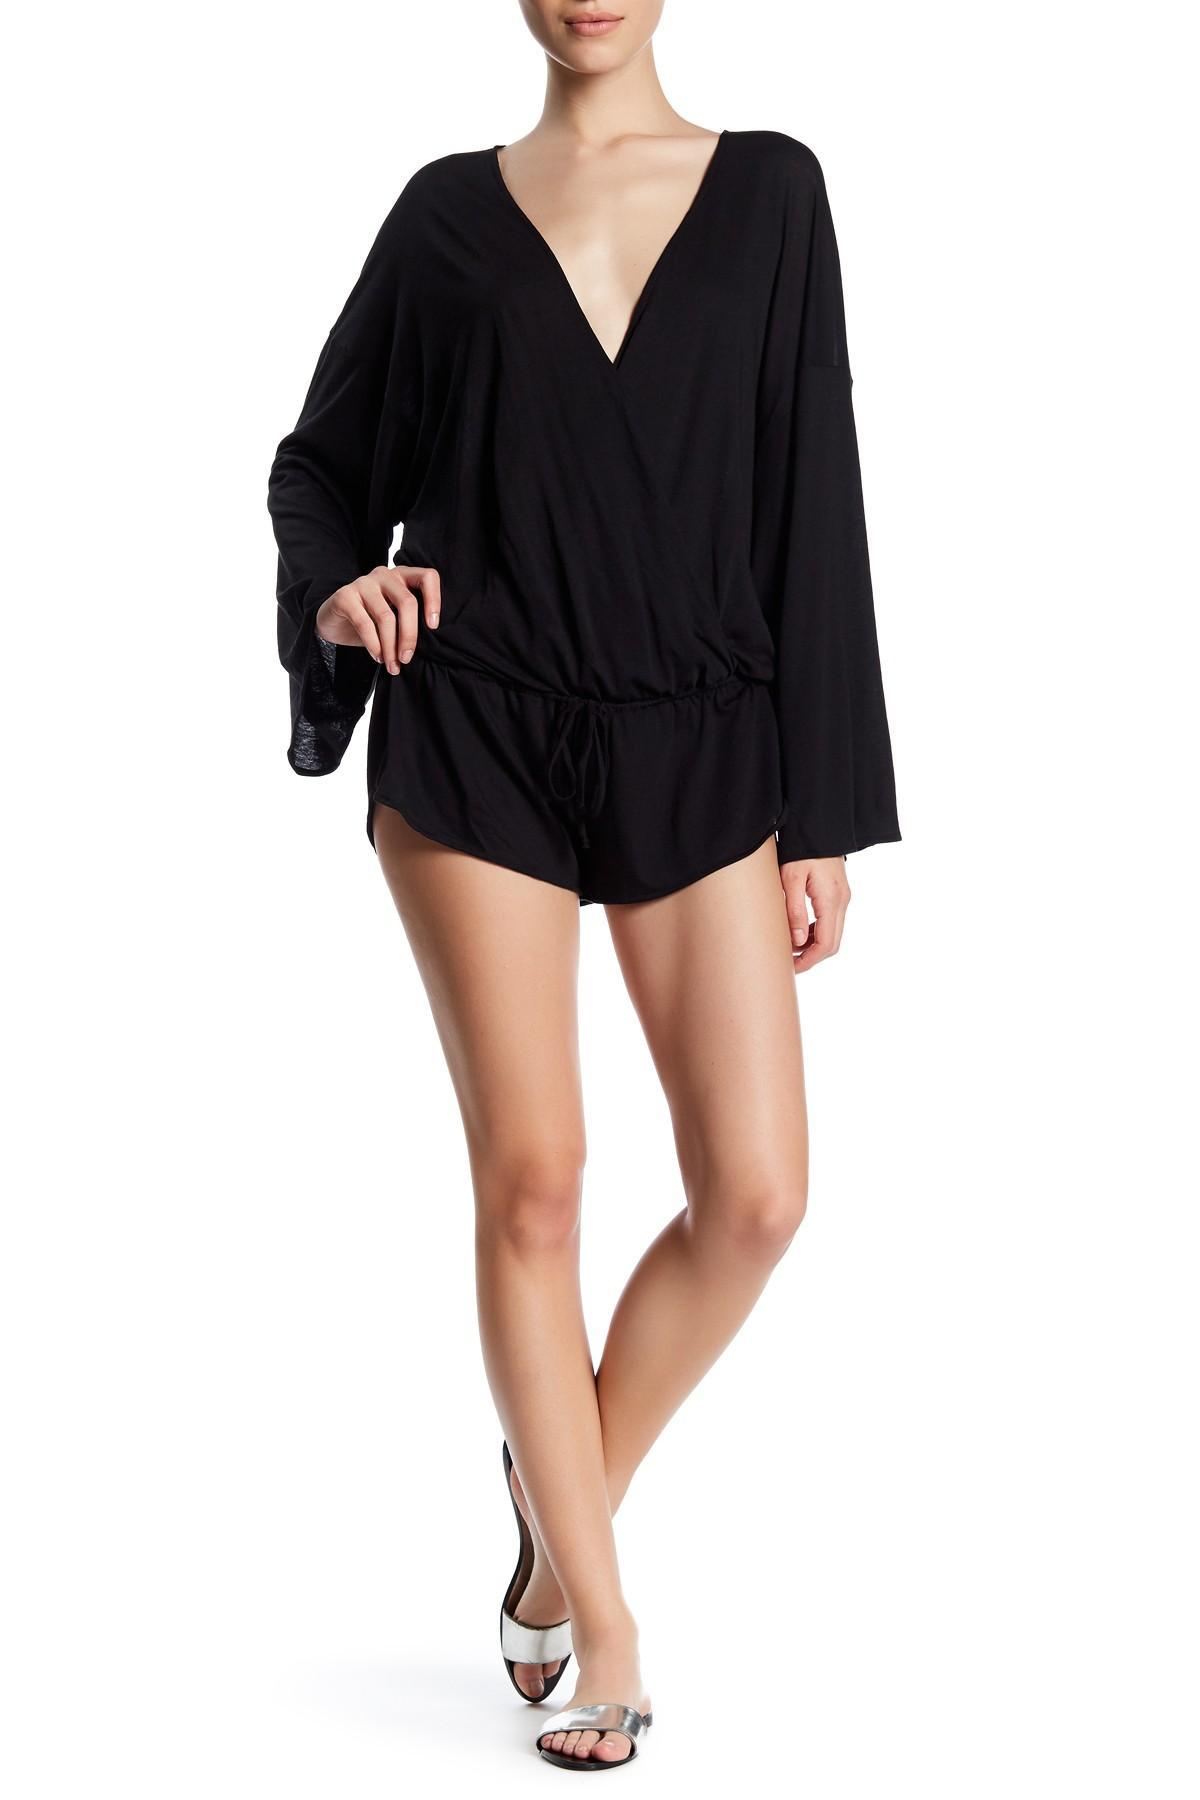 Lyst - Vitamin A Kimono Romper In Black